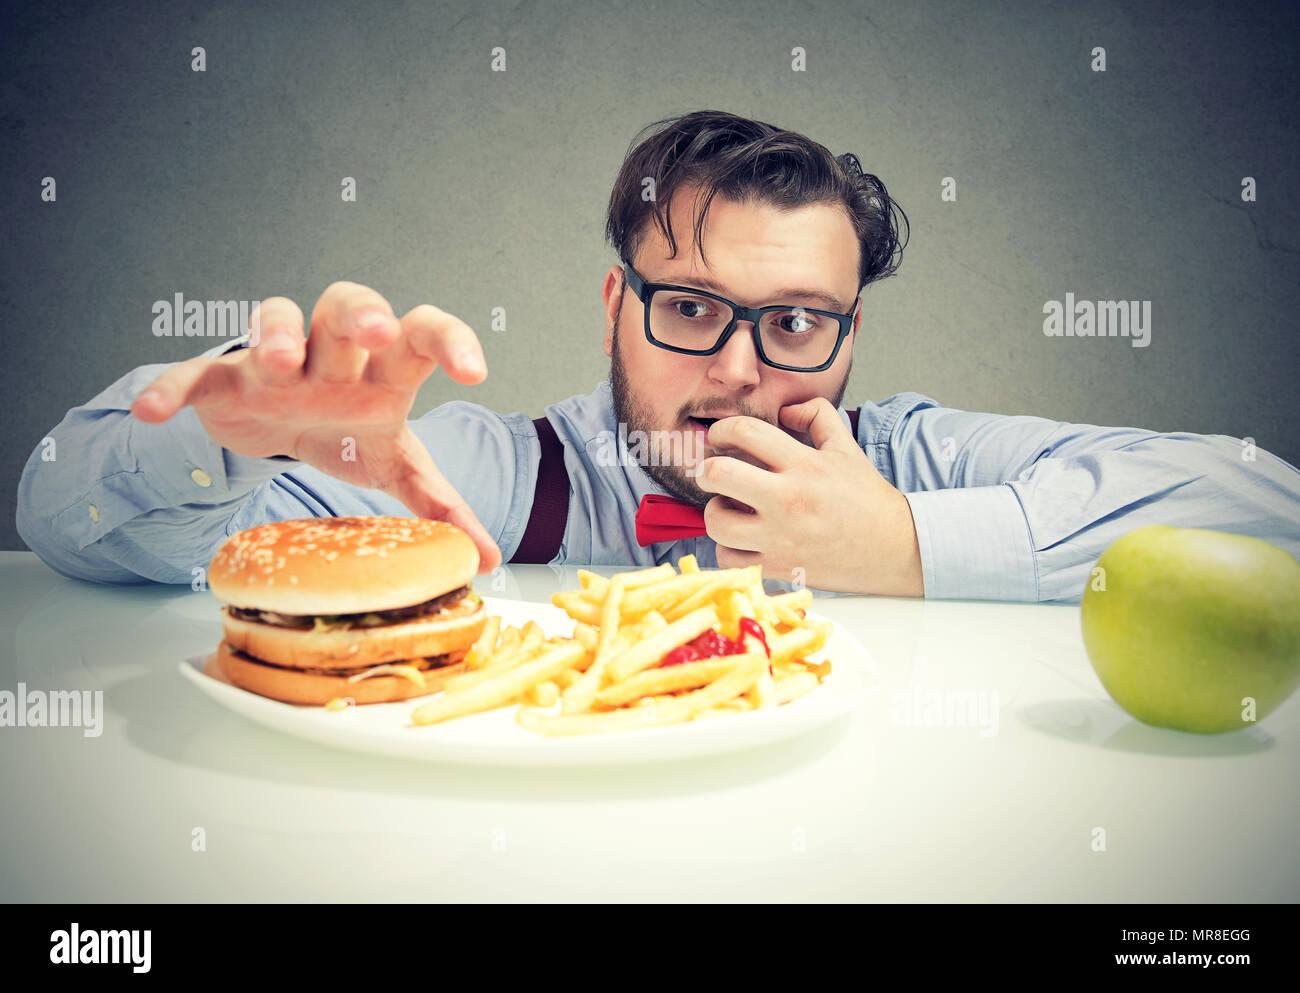 Giovane uomo obesi in vetri aventi voglie per cheeseburger con patate fritte invece di una sana mela verde. Immagini Stock